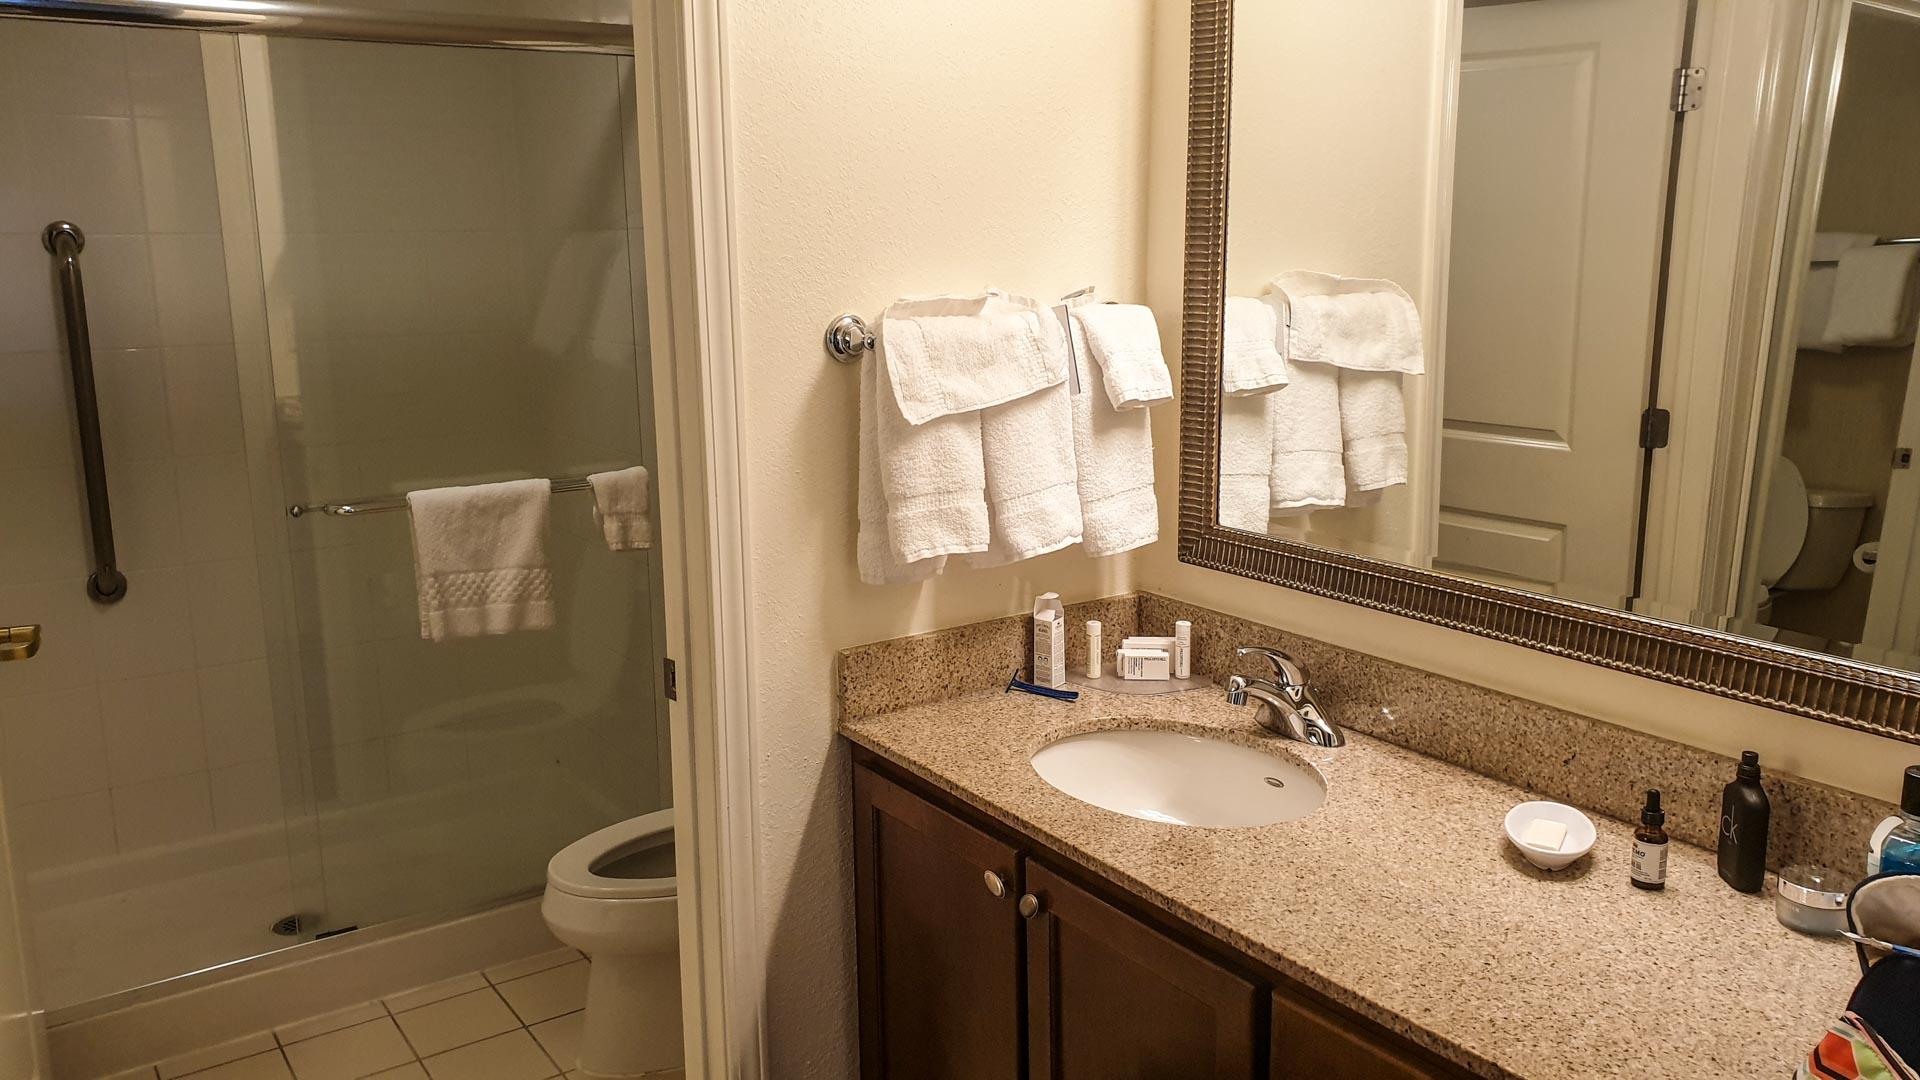 baño de O noso apartamento provisional en Milford